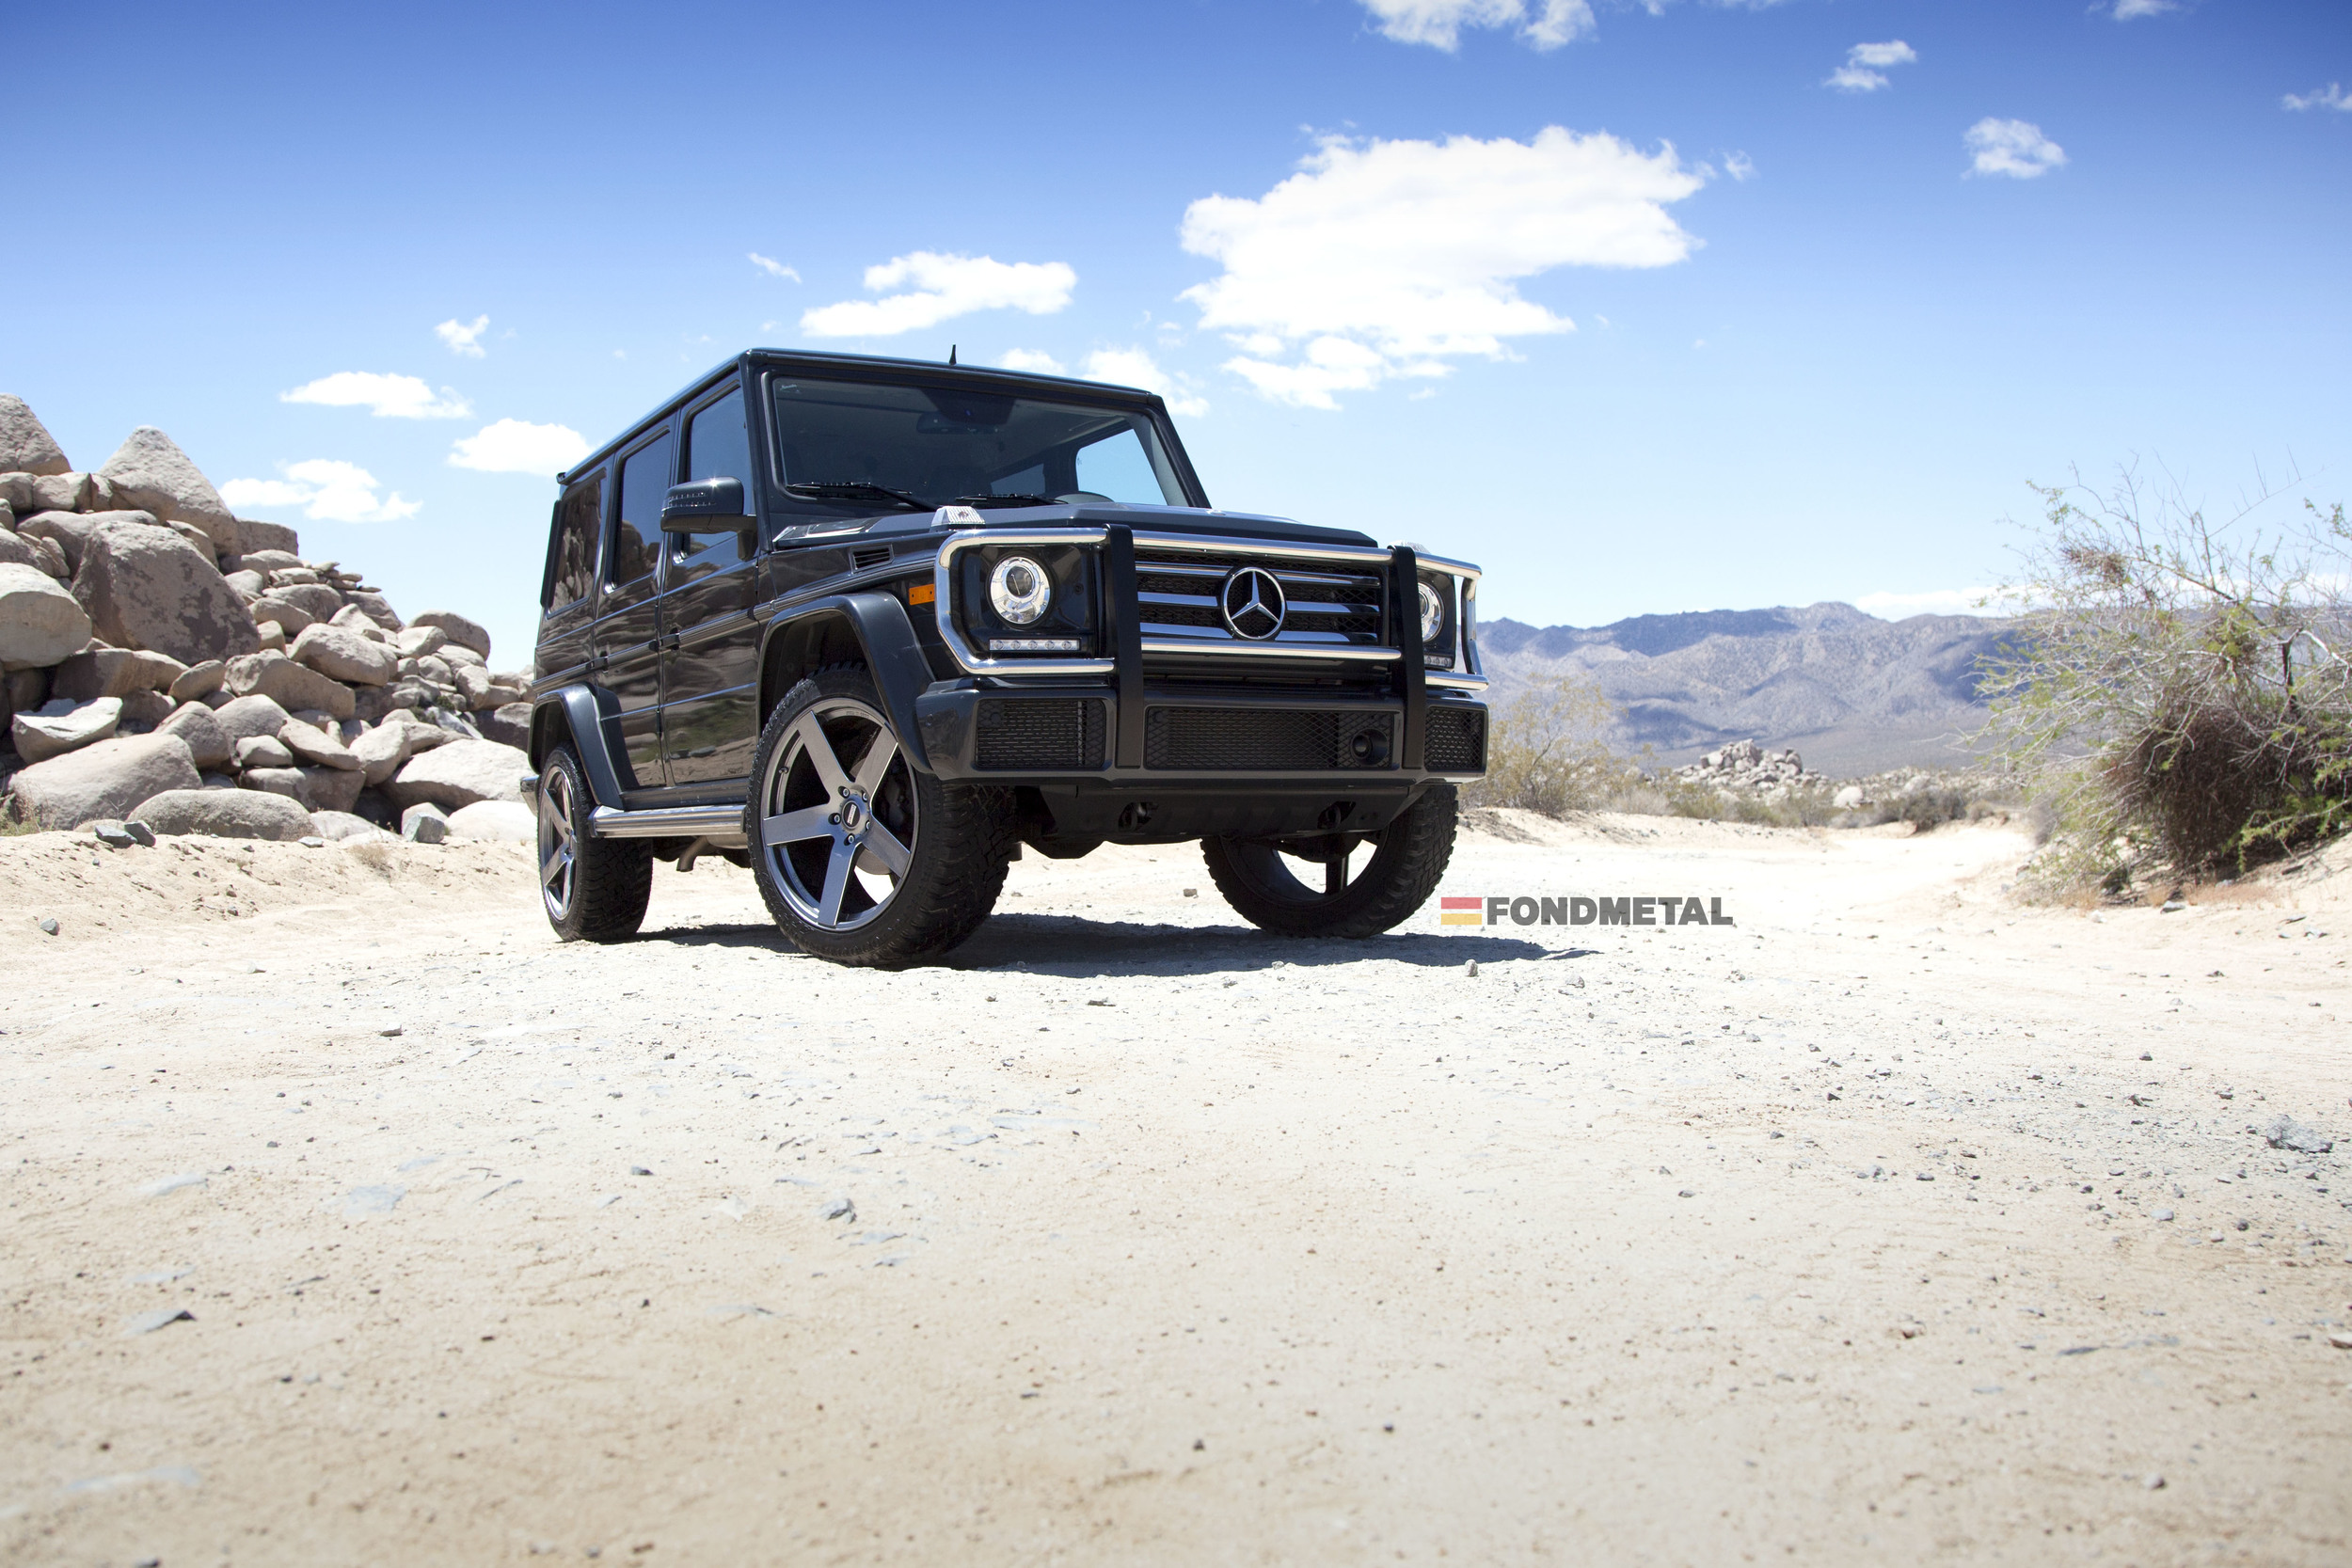 Mercedes-Benz G Wagon Fondmetal STC-02